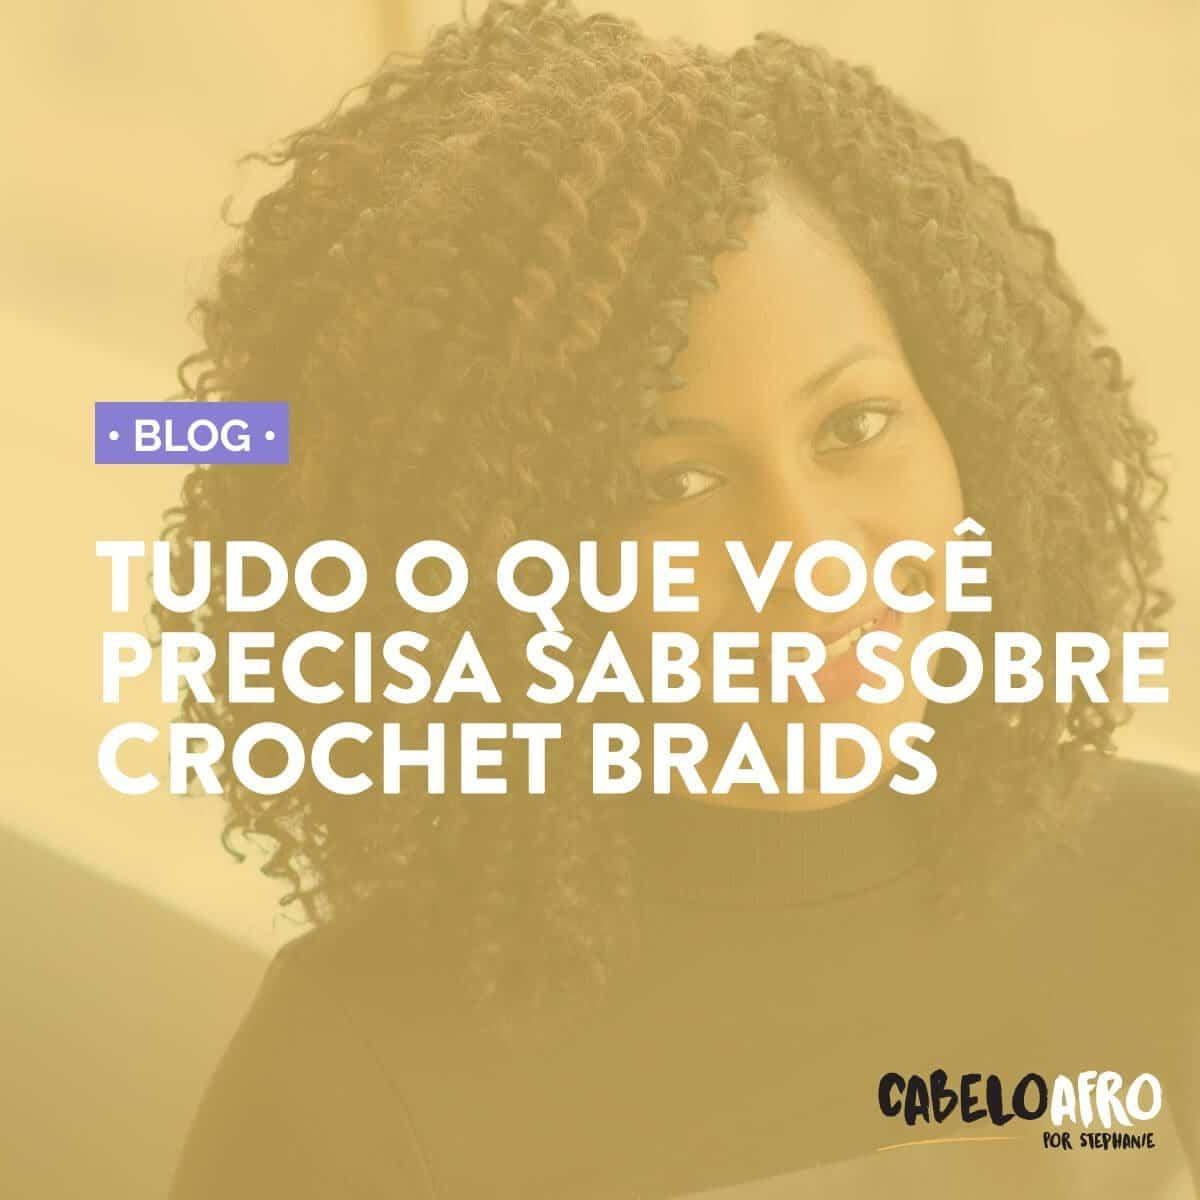 CROCHET BRAIDS 6860192 1666941